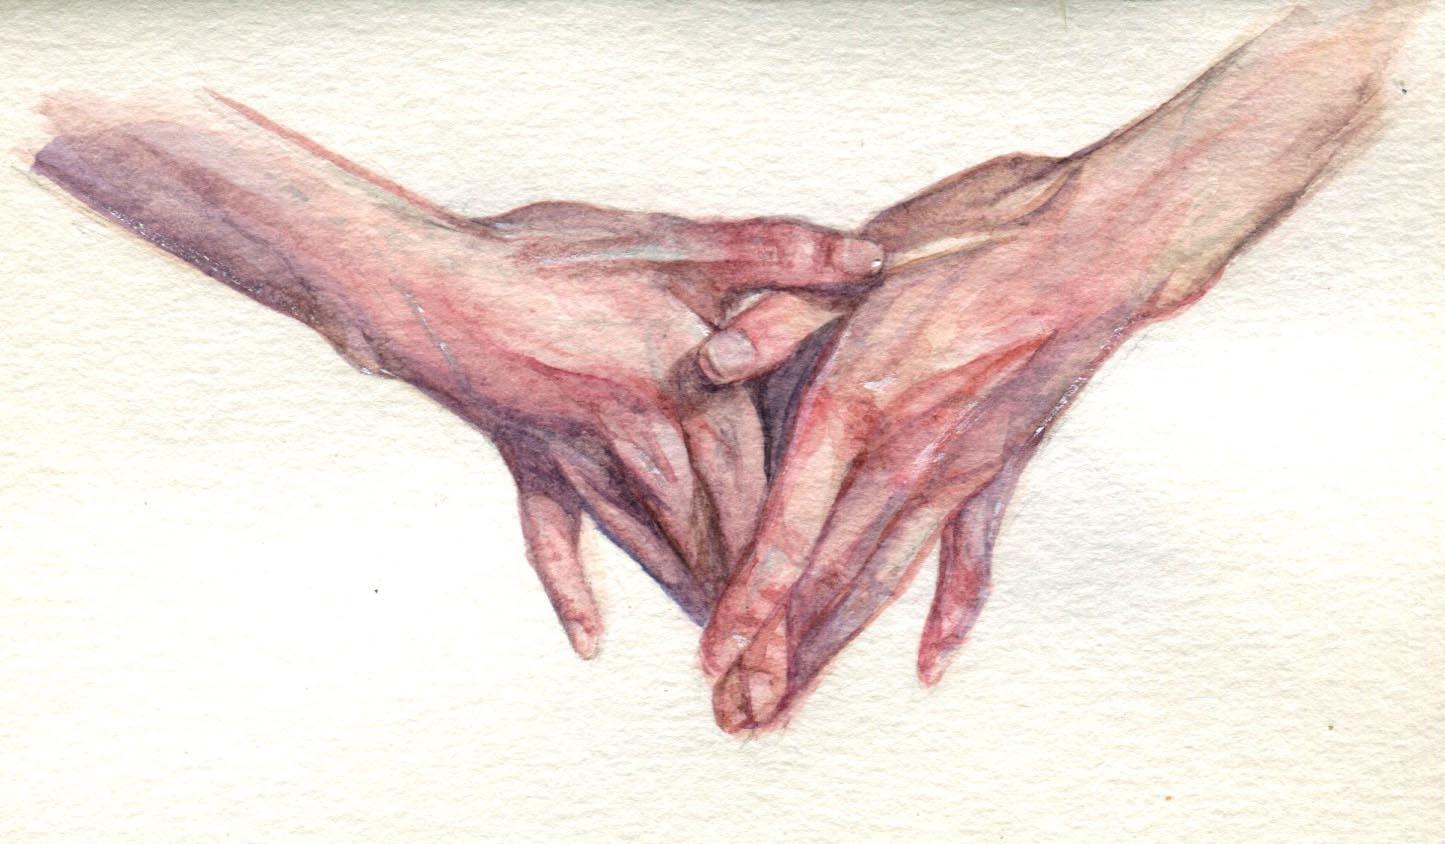 handsstudyii